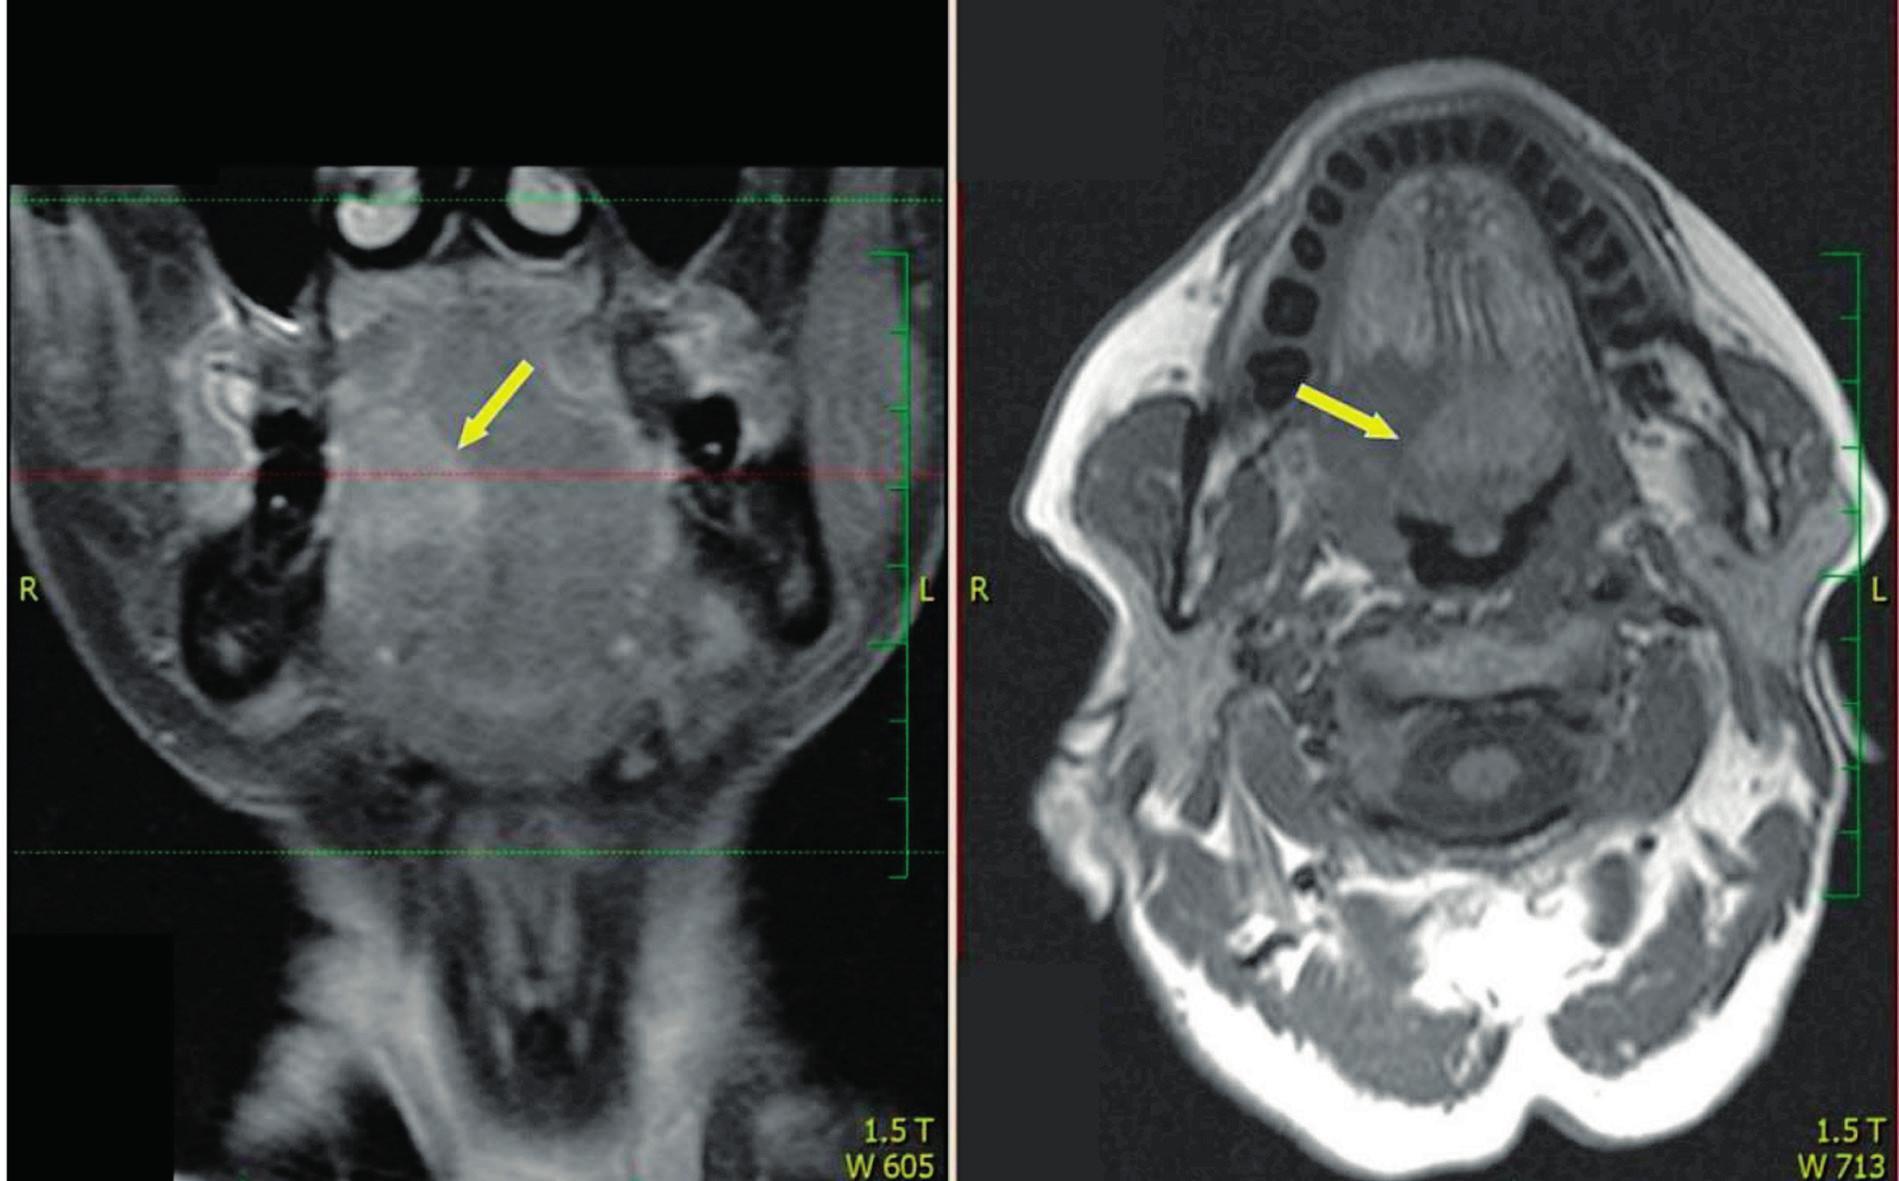 Vlevo MR T2 s potlačením signálu, vpravo MR T1 - šipka ukazuje na oblast invaze nádoru kořene jazyka do ústní spodiny se šířením přes střední čáru.